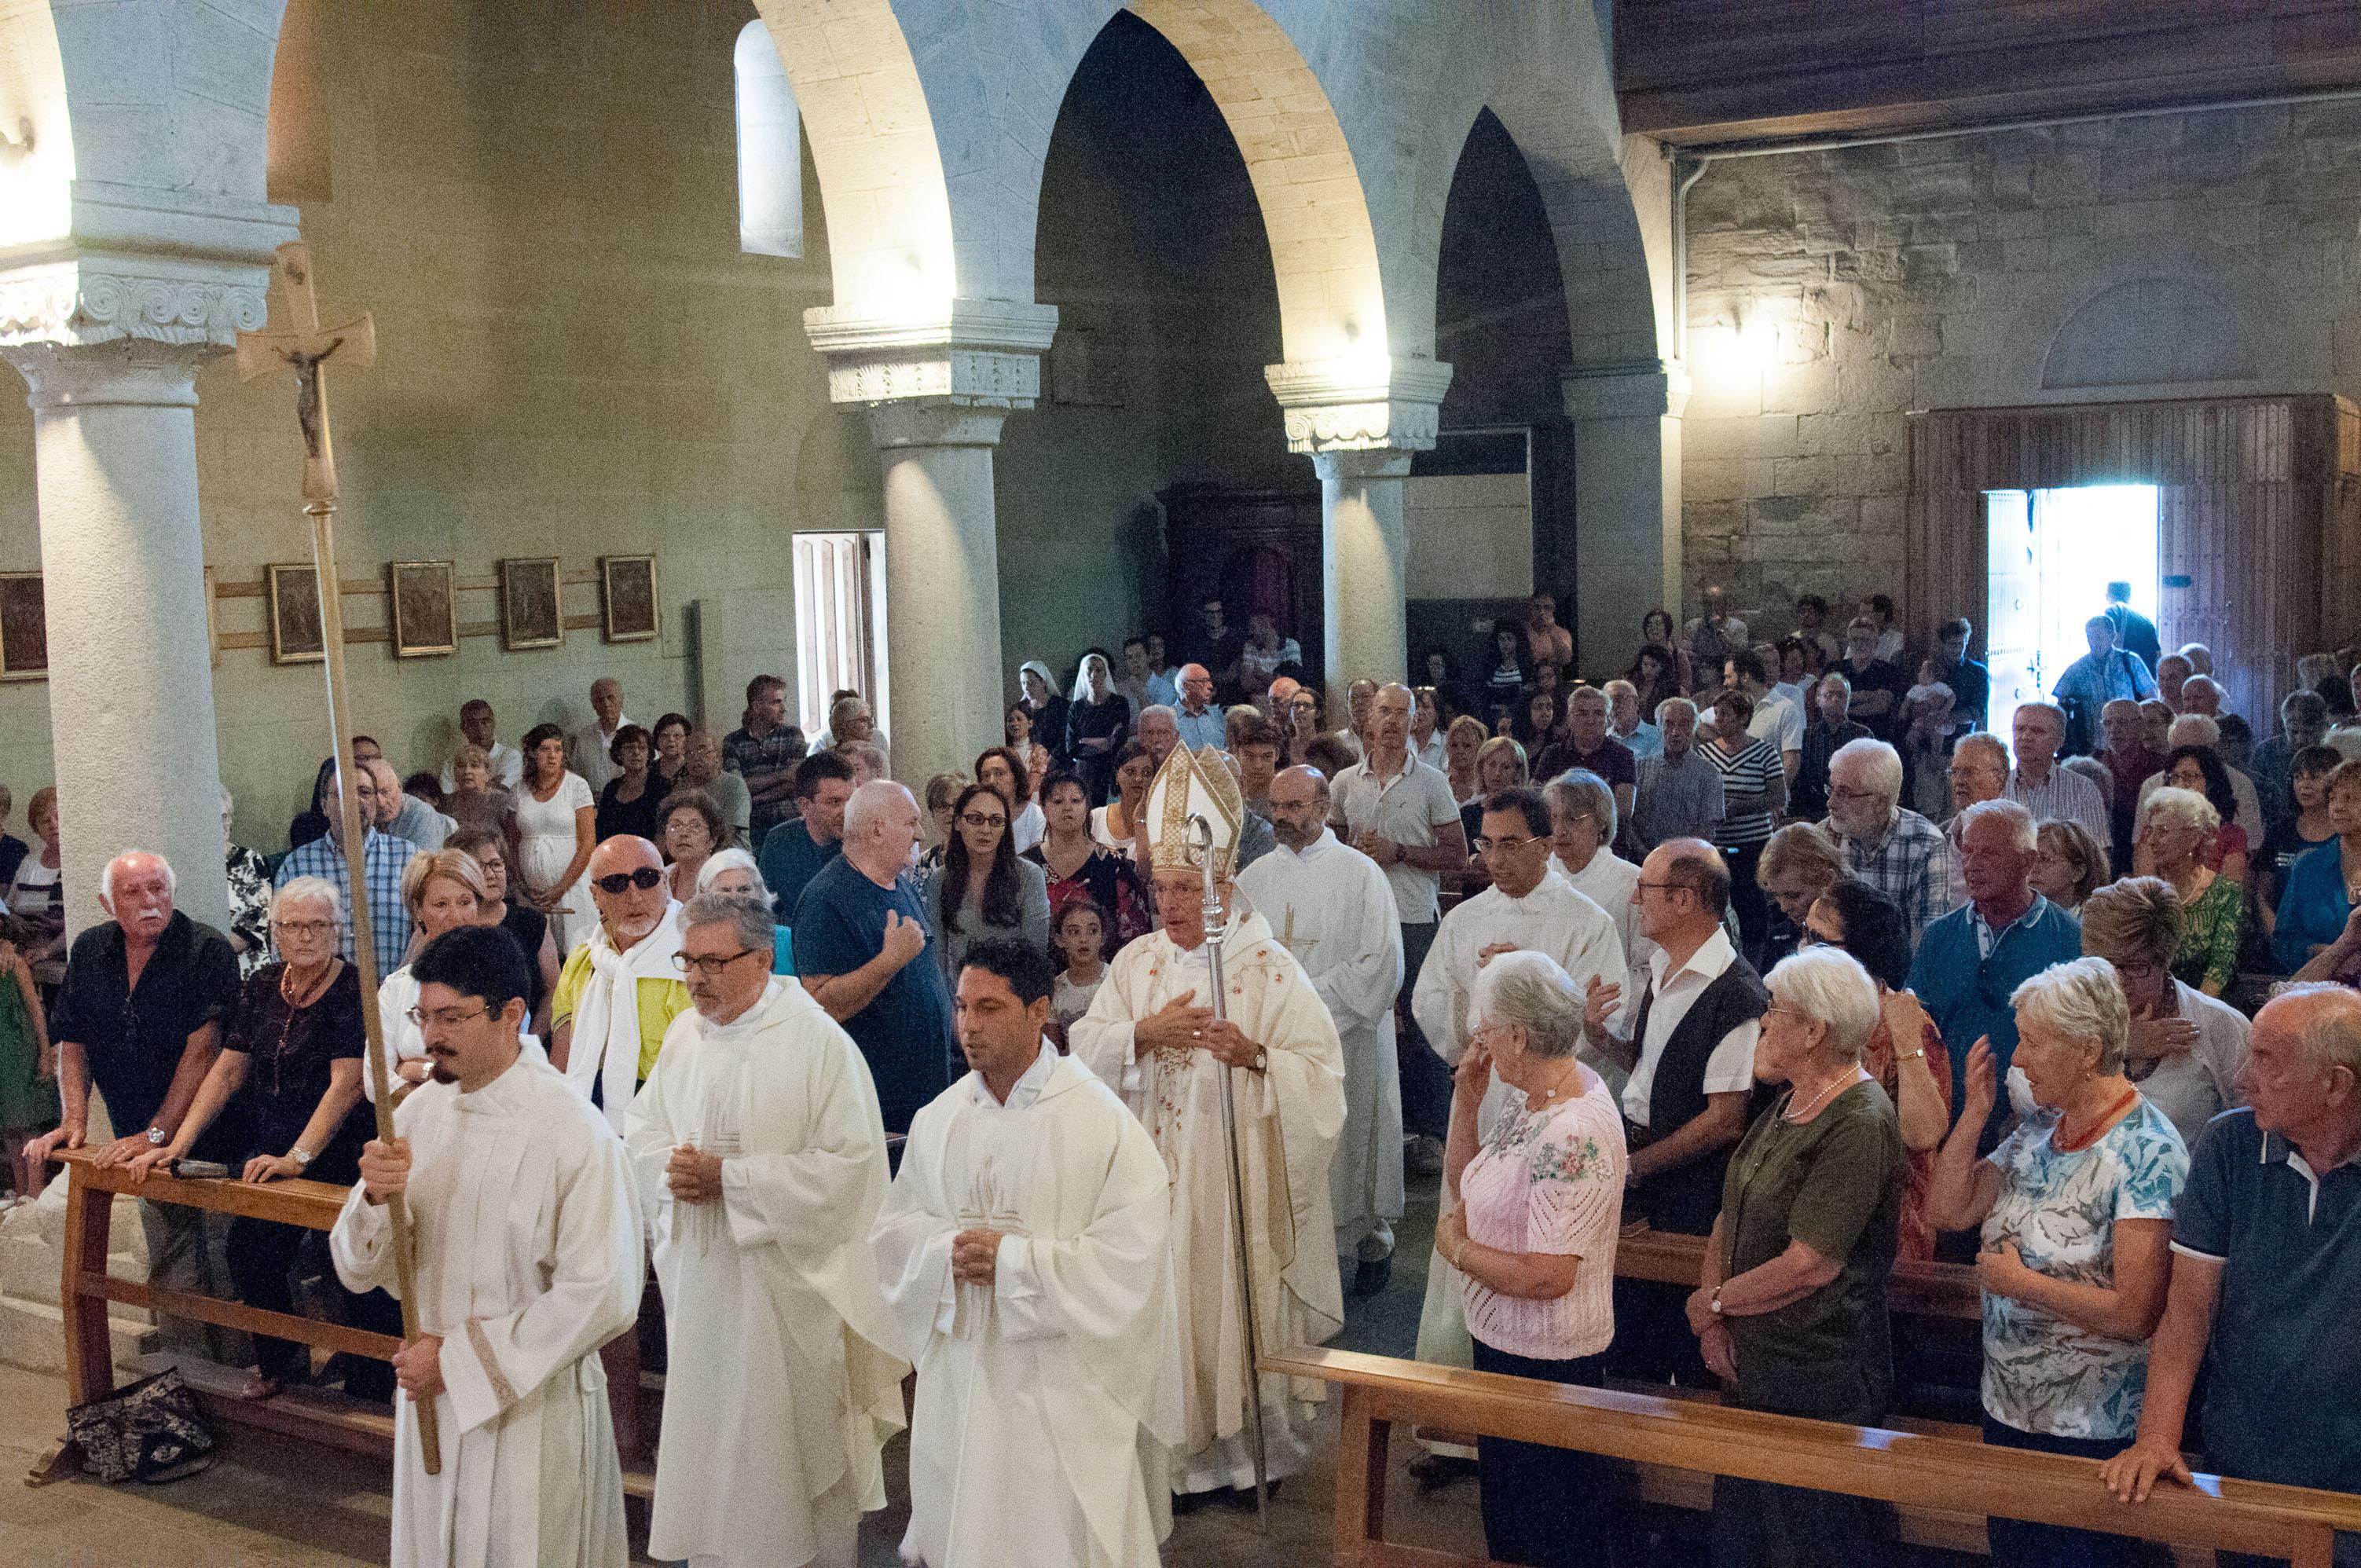 La concelebrazione presieduta da monsignor Camisasca il 15 agosto 2015 a Marola (foto G.M. Codazzi, tutti i diritti riservati)